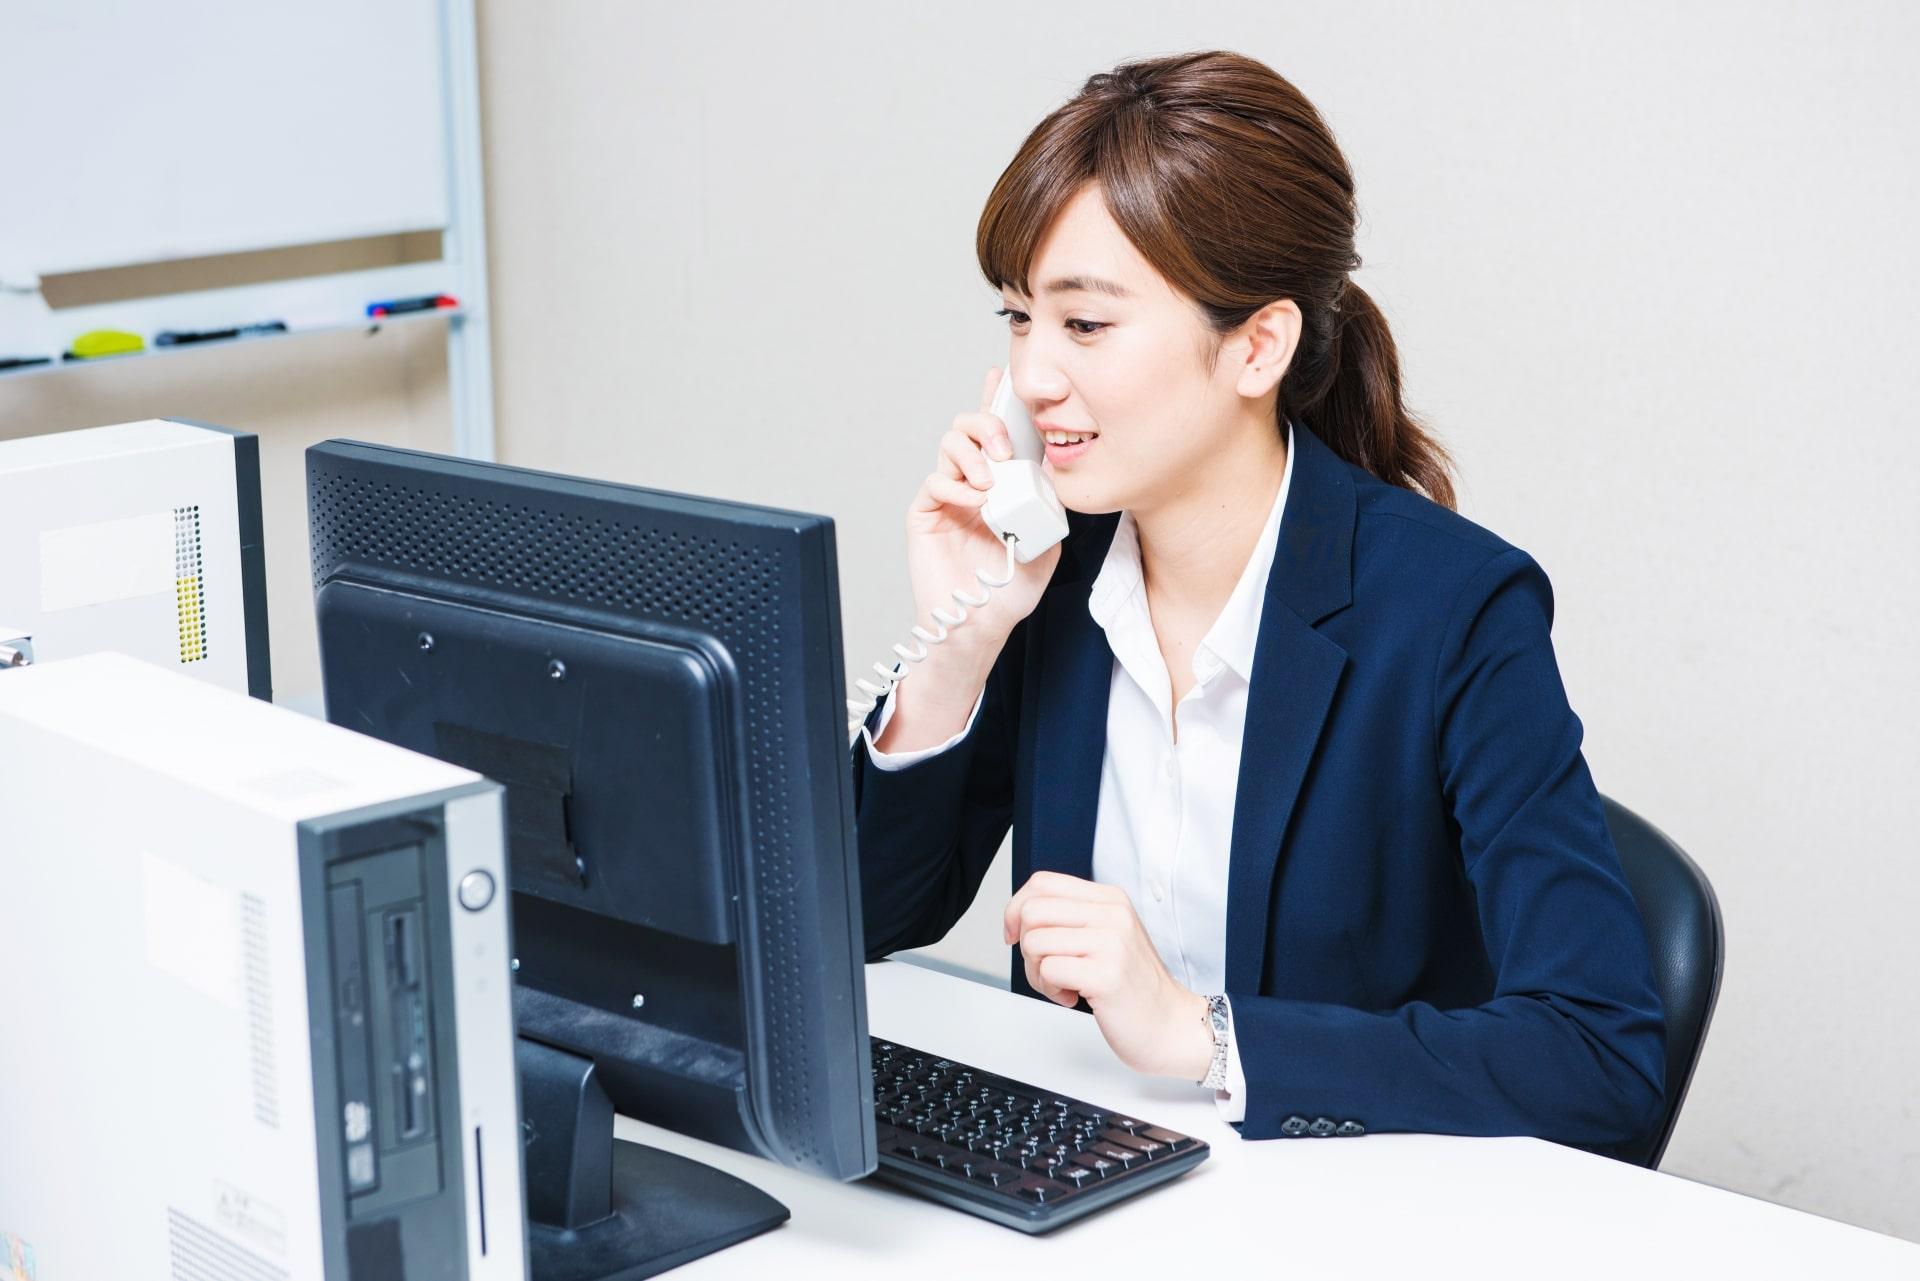 働く女性が抱えるお金の悩み。福利厚生でサポートするには?